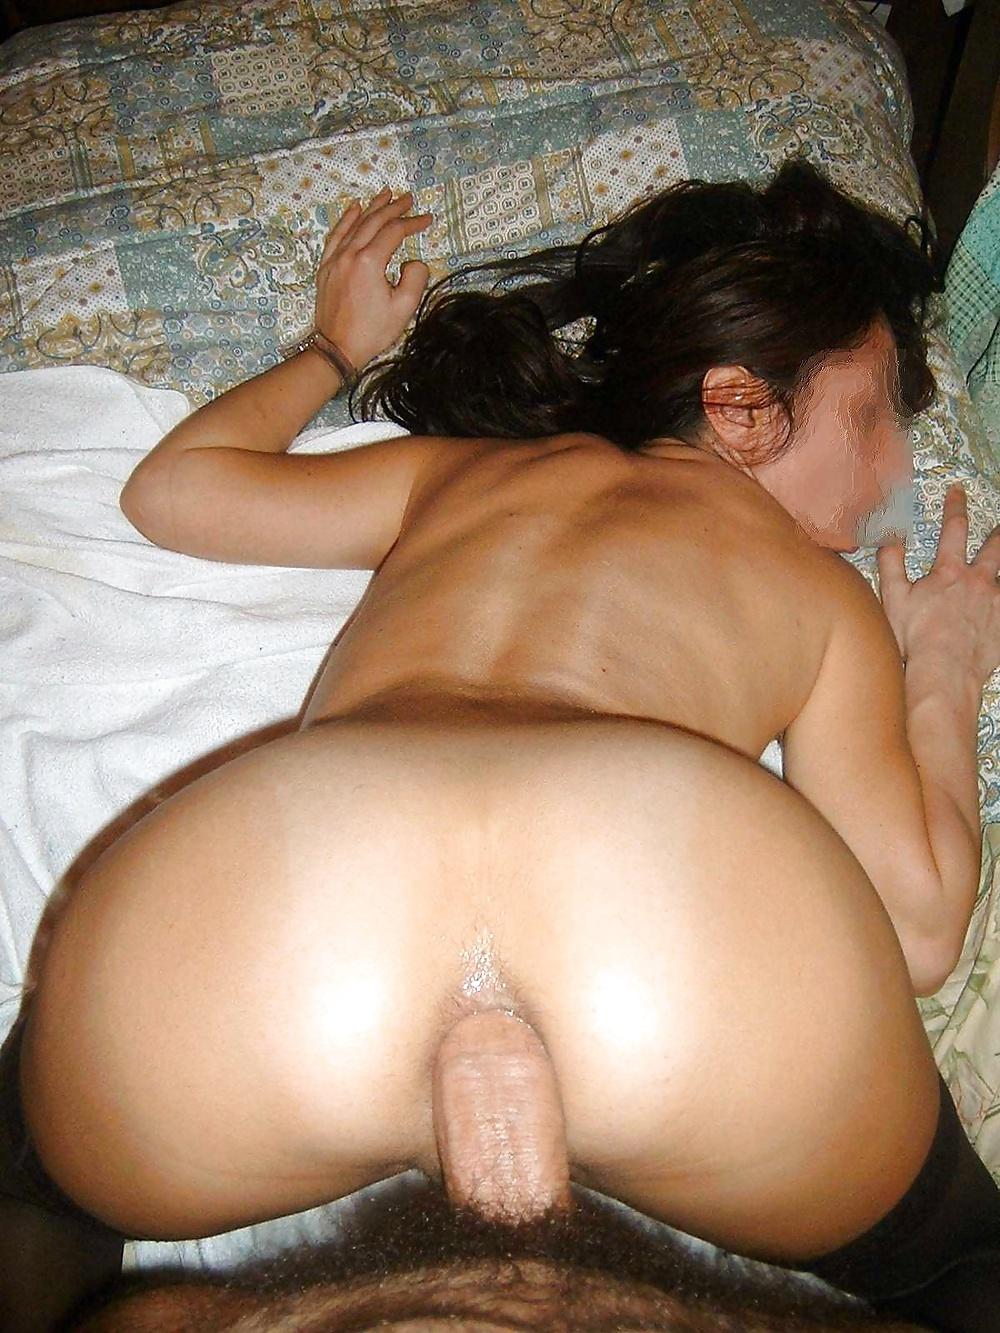 domashnoe-seks-zhopu